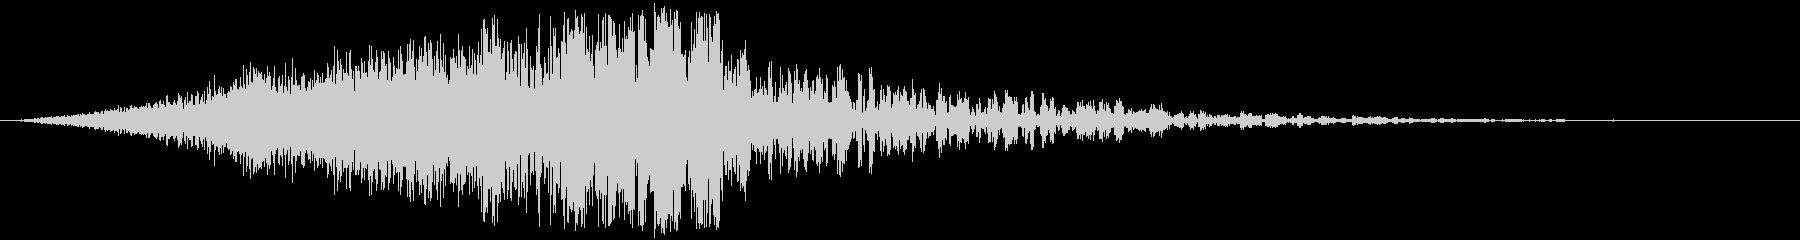 ヘビーインパクトエレクトロクランクヒットの未再生の波形